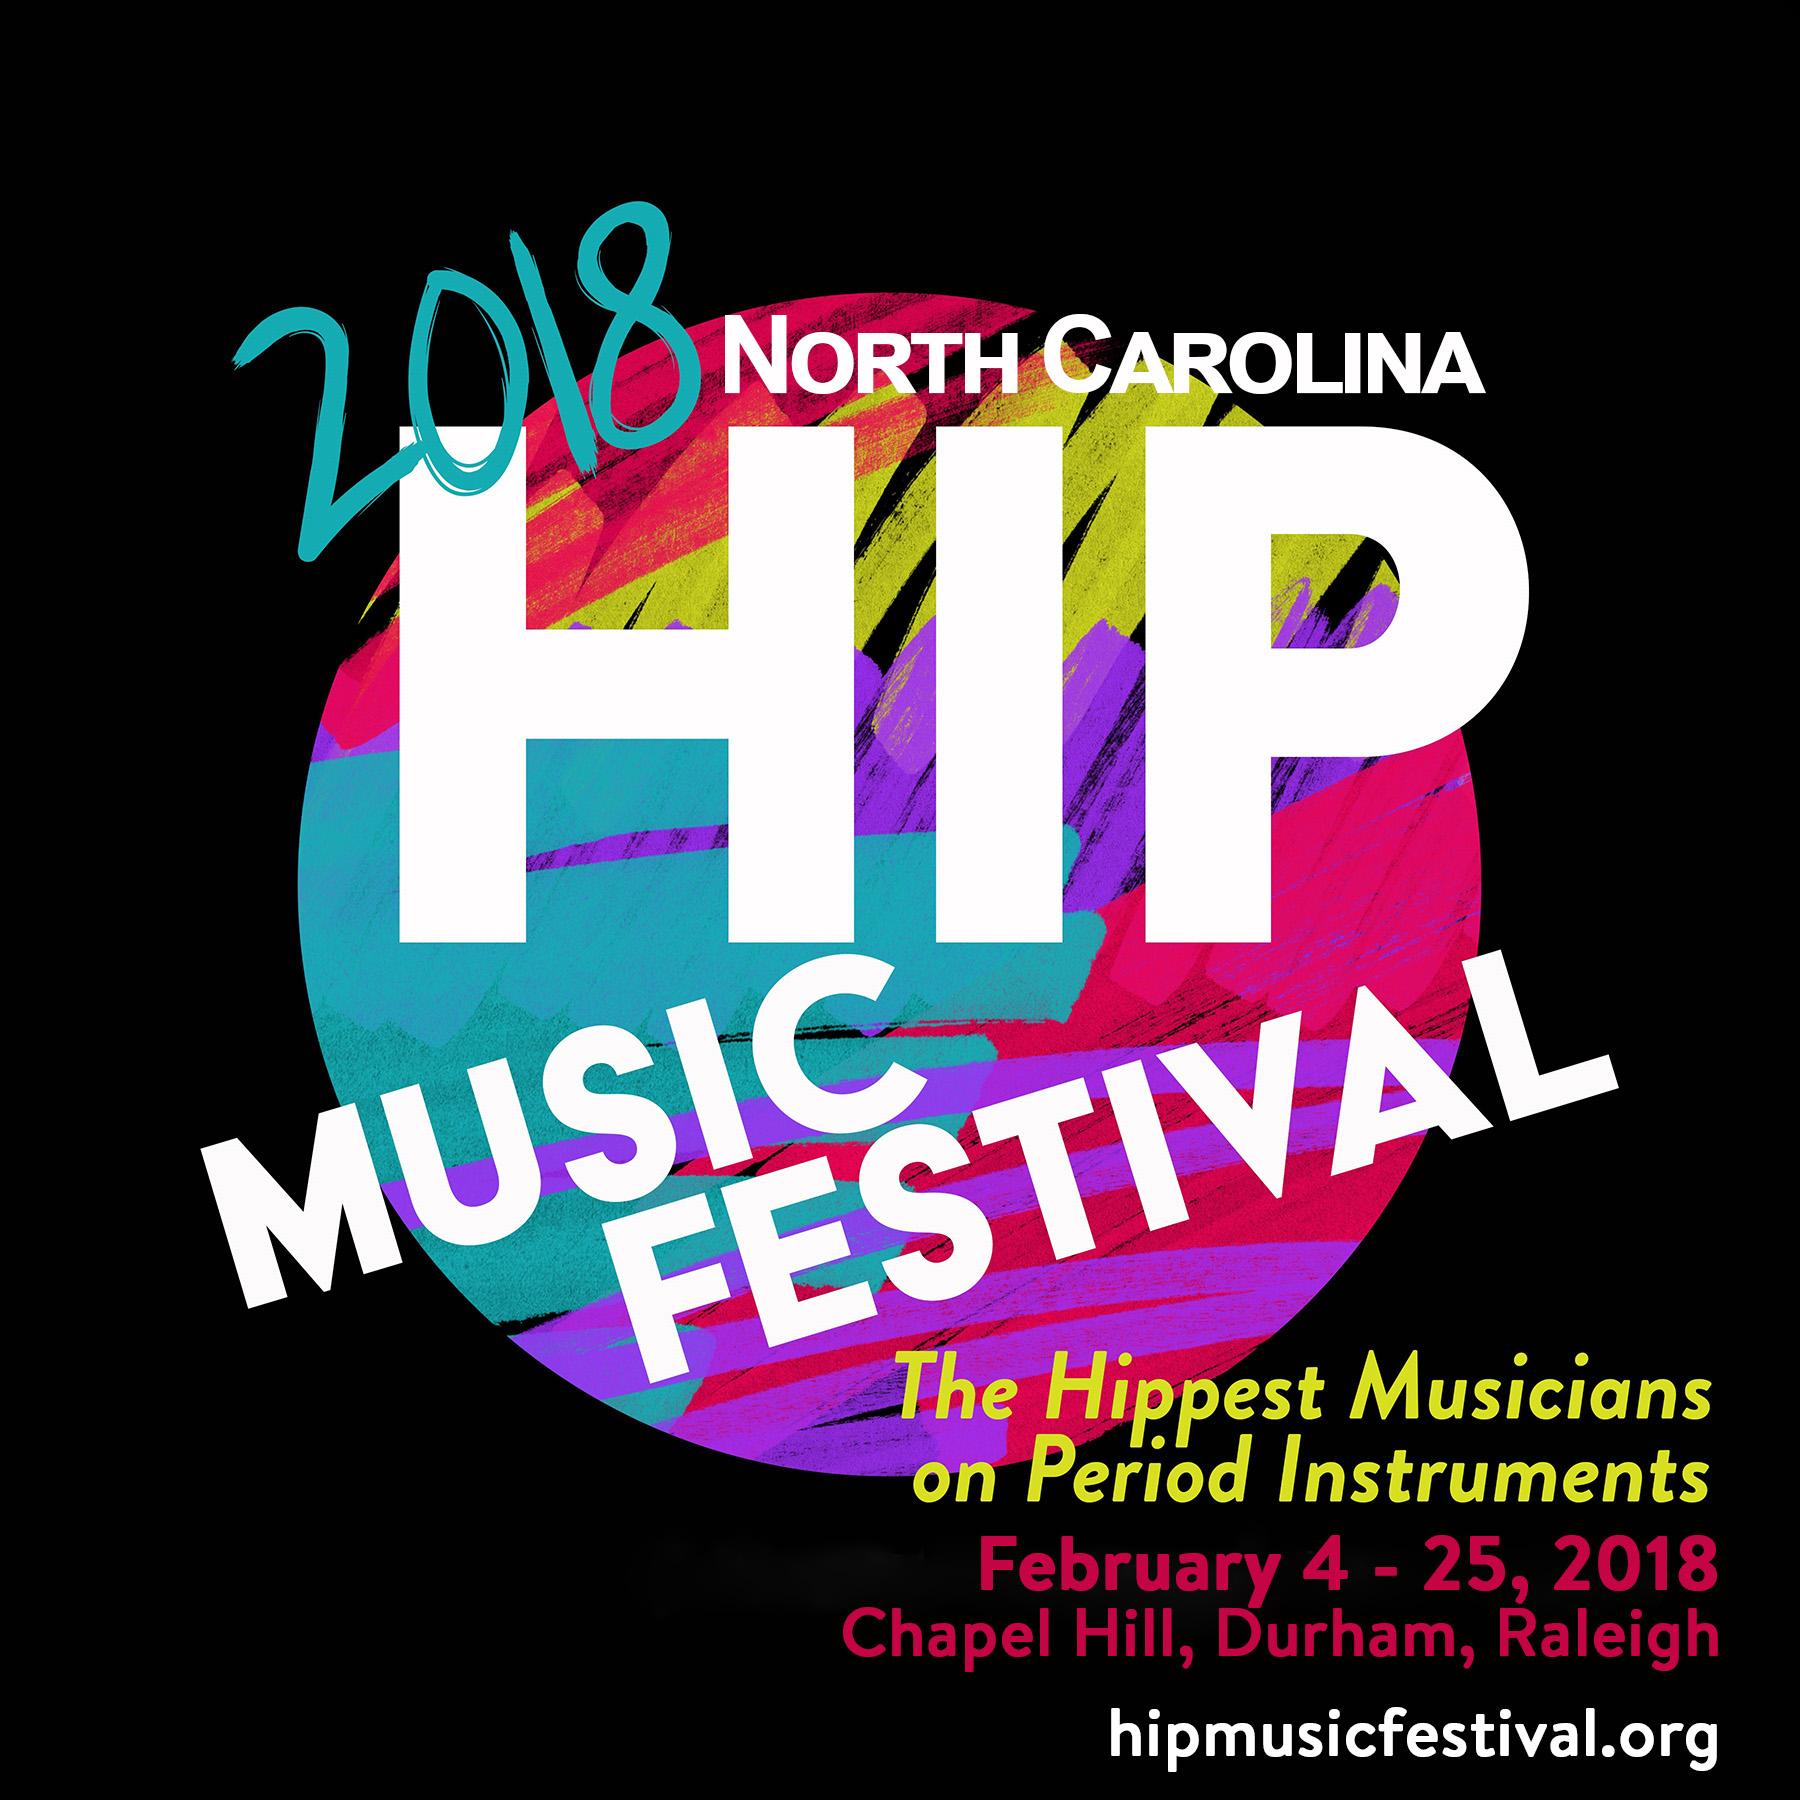 hip-festival-new-logo-final-jpg-1.jpg